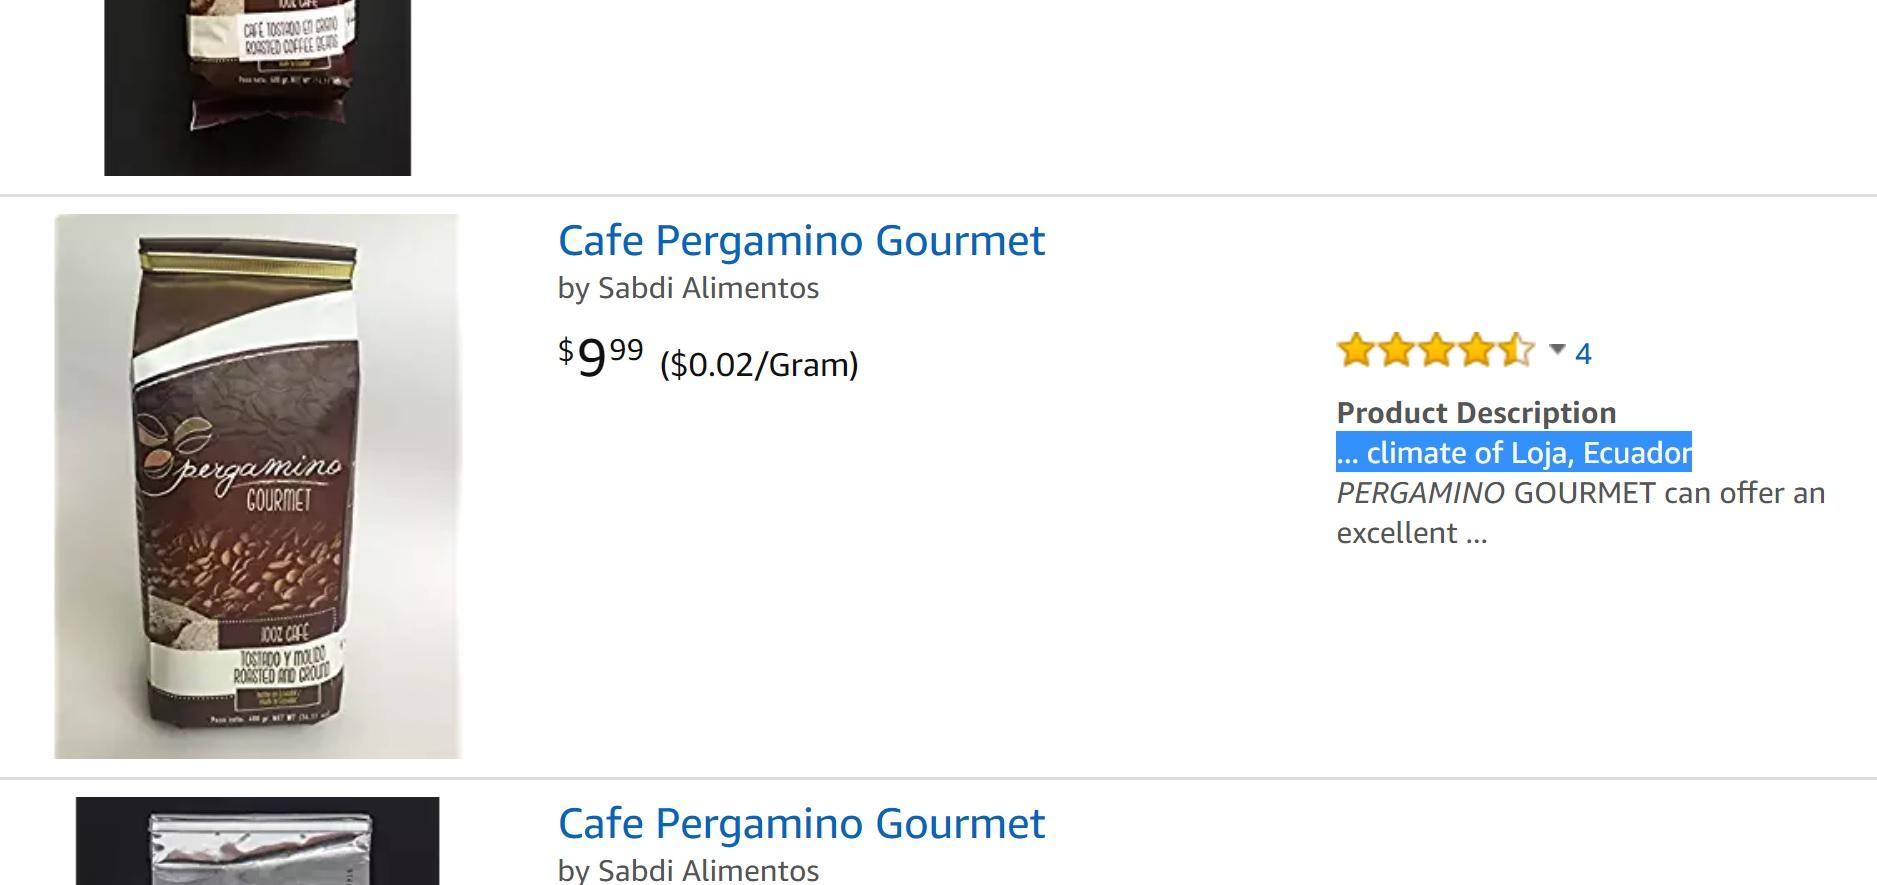 El café que se cosecha en Loja y que hoy se vende en Amazon